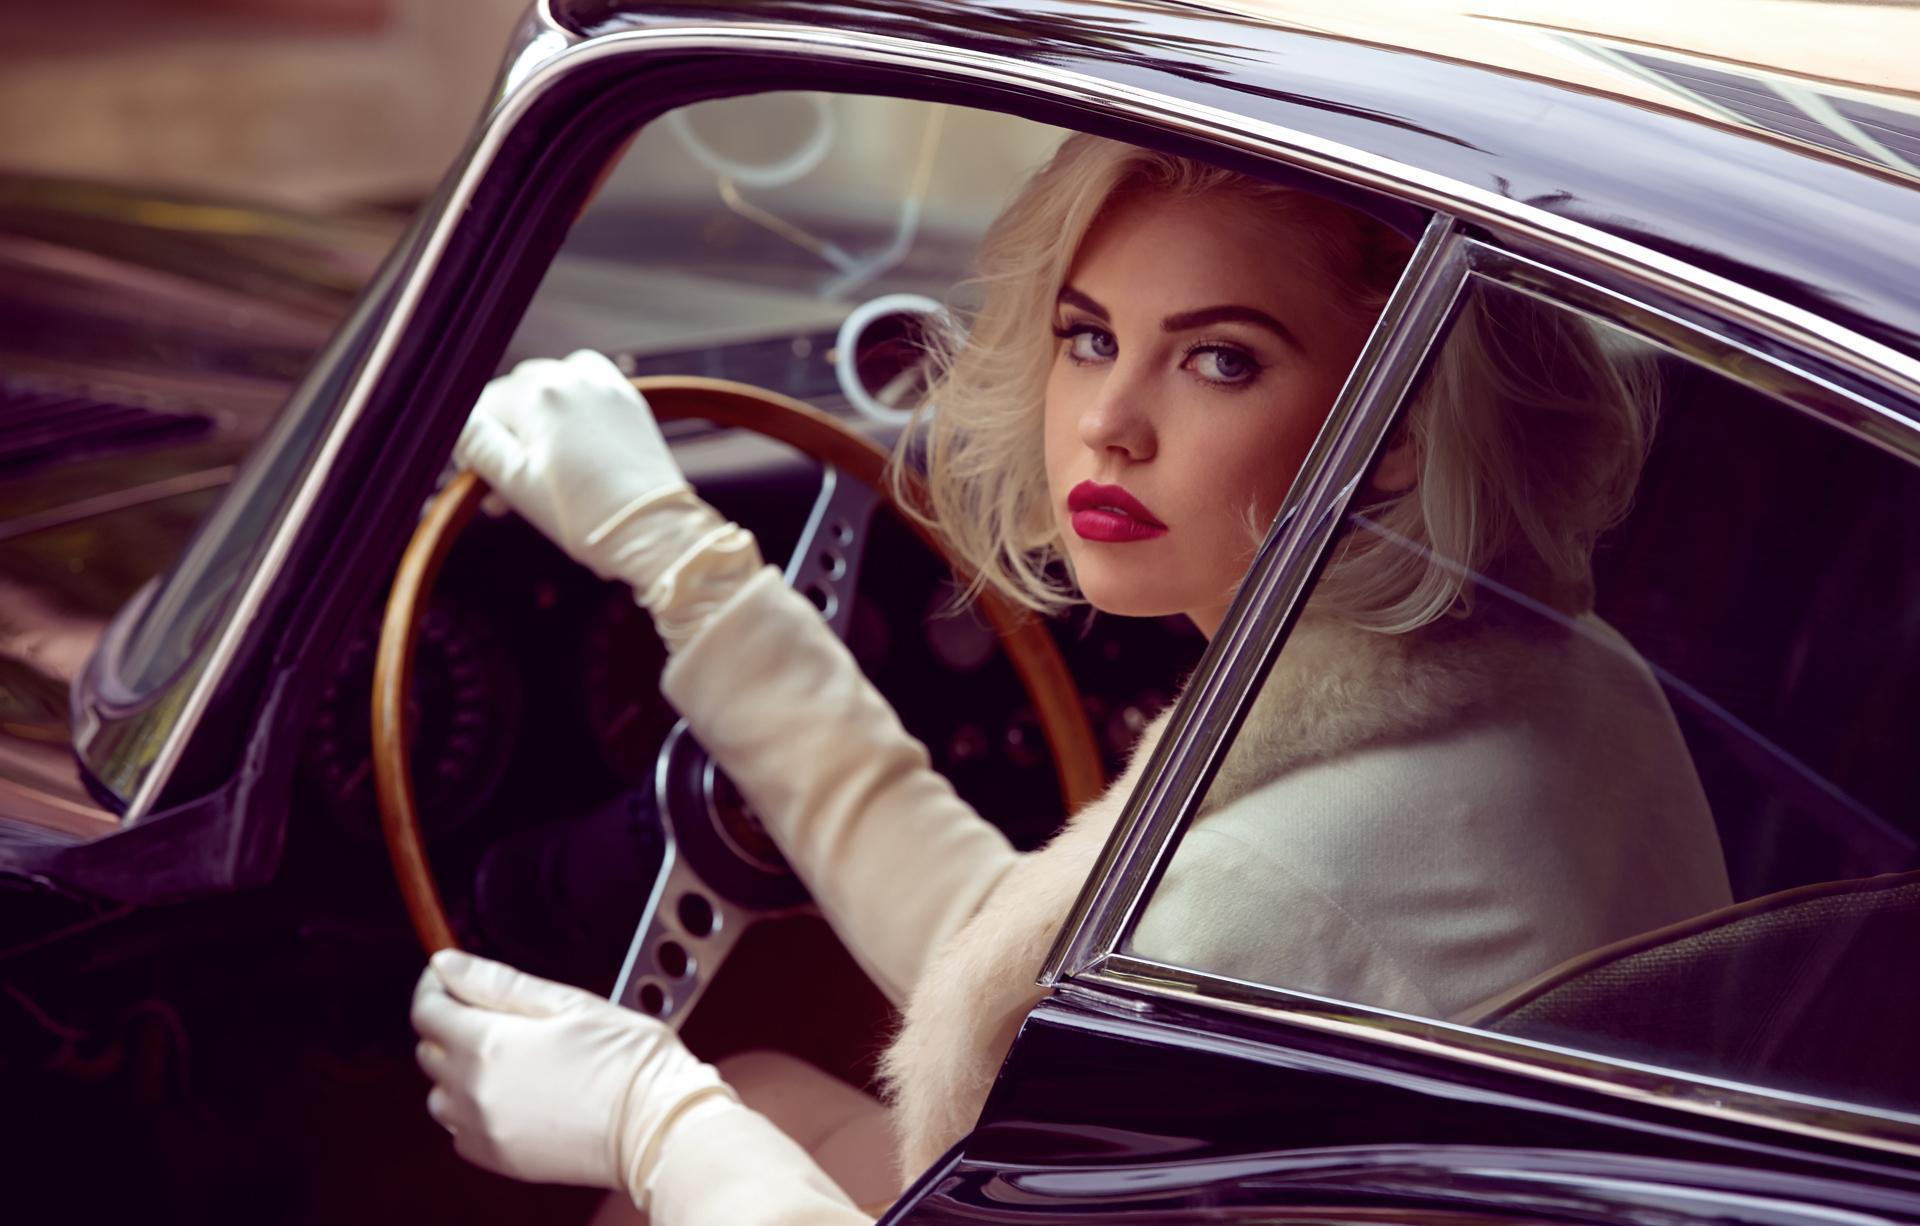 Картинка женщина у машины